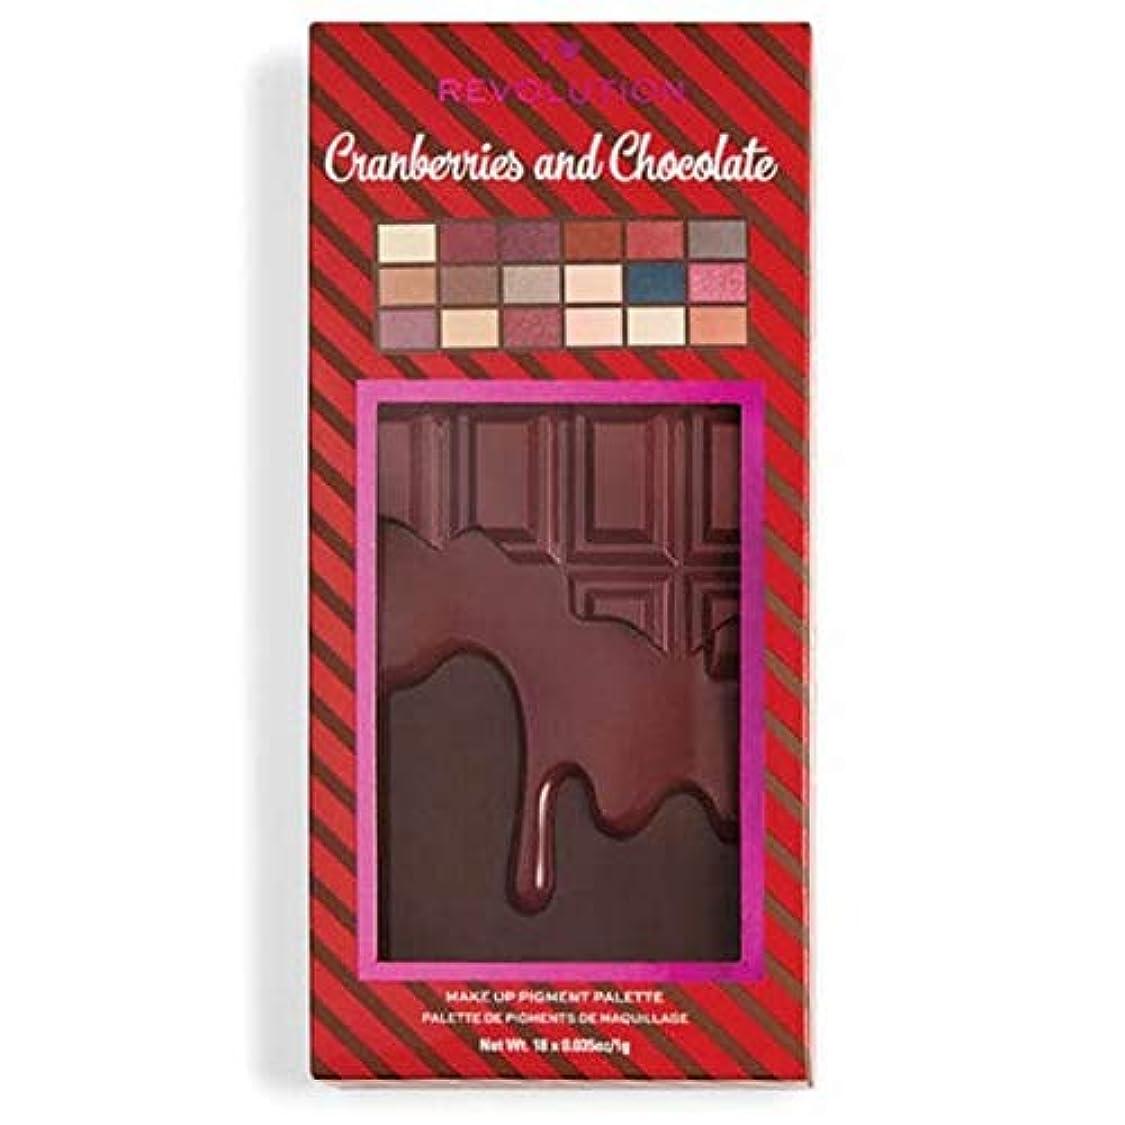 体操バーターヘクタール[I Heart Revolution ] 私の心の革命クランベリー&チョコレートパレット - I Heart Revolution Cranberries & Chocolate Palette [並行輸入品]